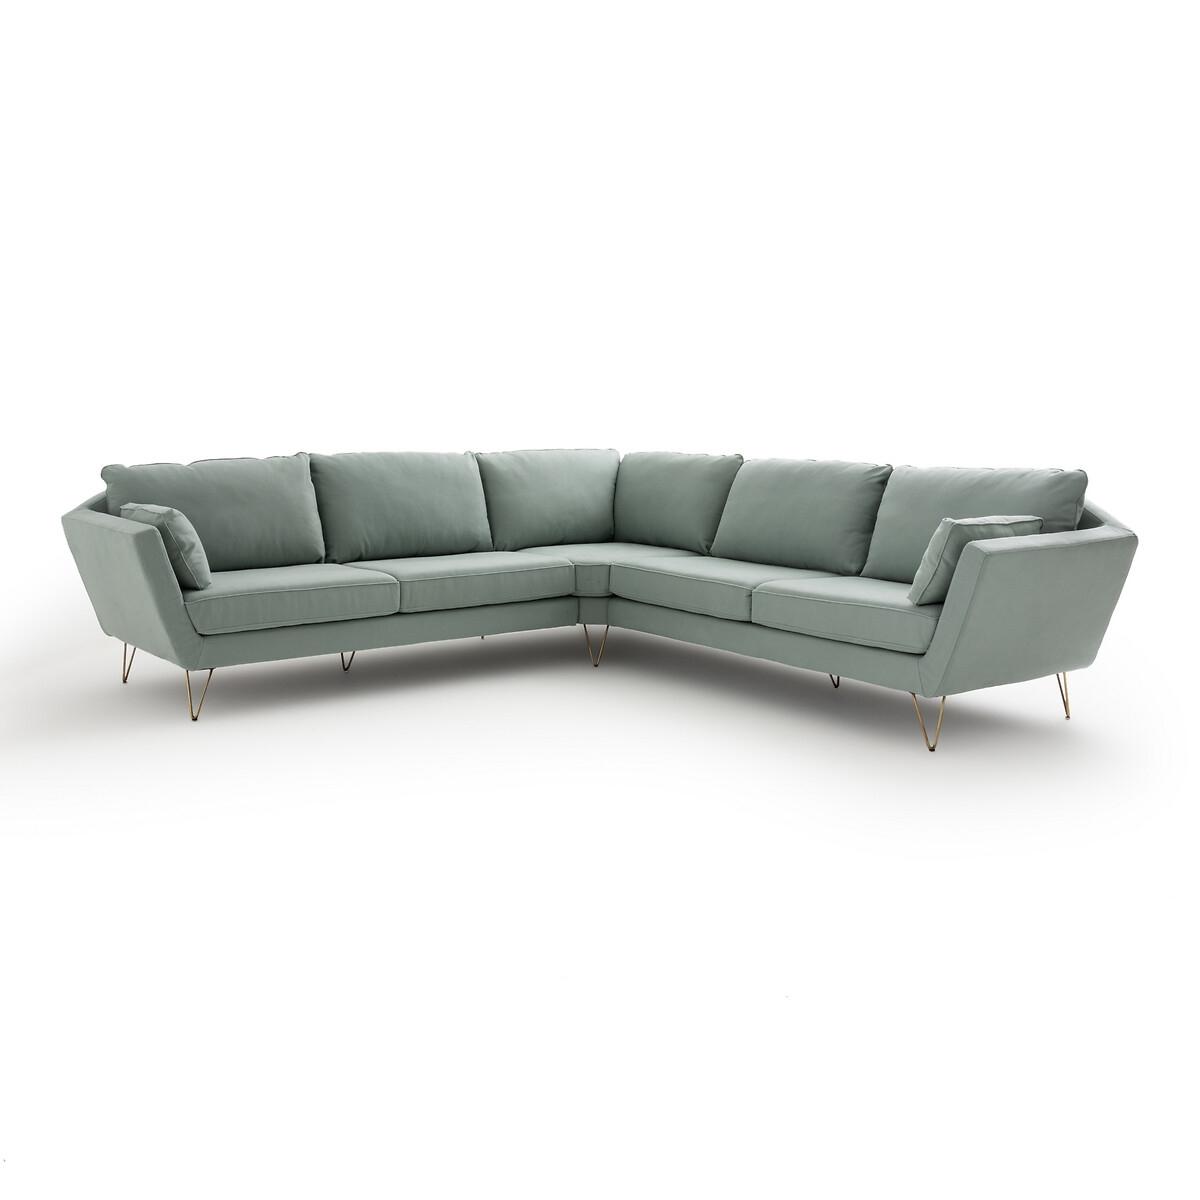 Canapé d'angle 2 places Velours Vintage Confort